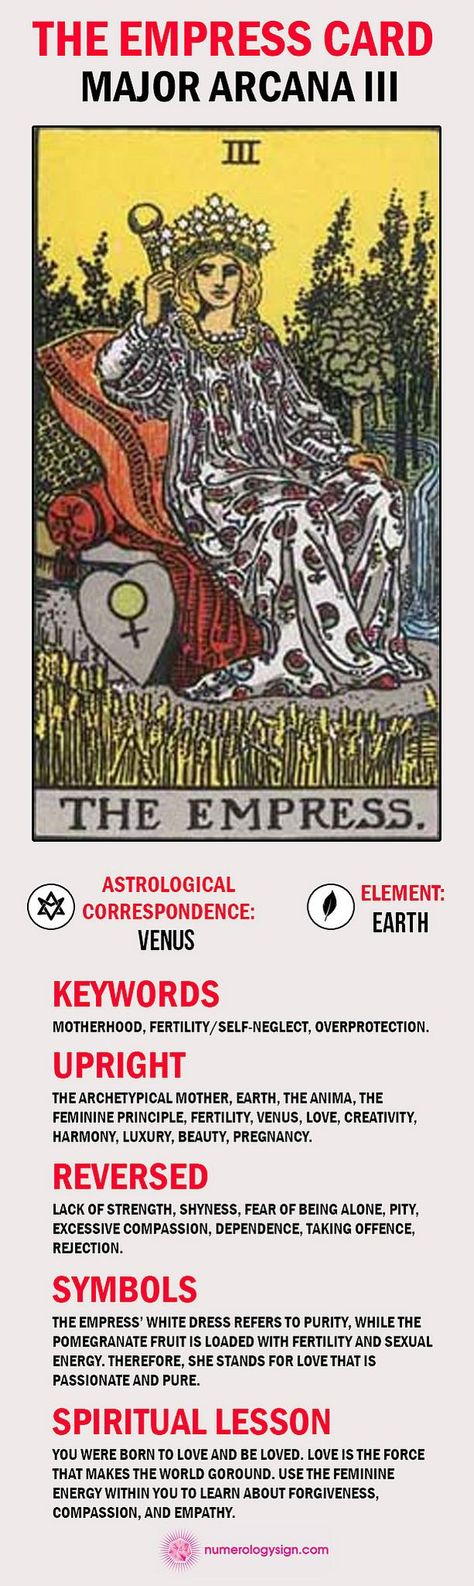 Tarot cards, astrology tarot, tarot card meanings, tarot spreads, astrotarot #tarot #astrology #tarotcards #tarotcardmeanings #tarotspreads #astrologytarot #astrotarot